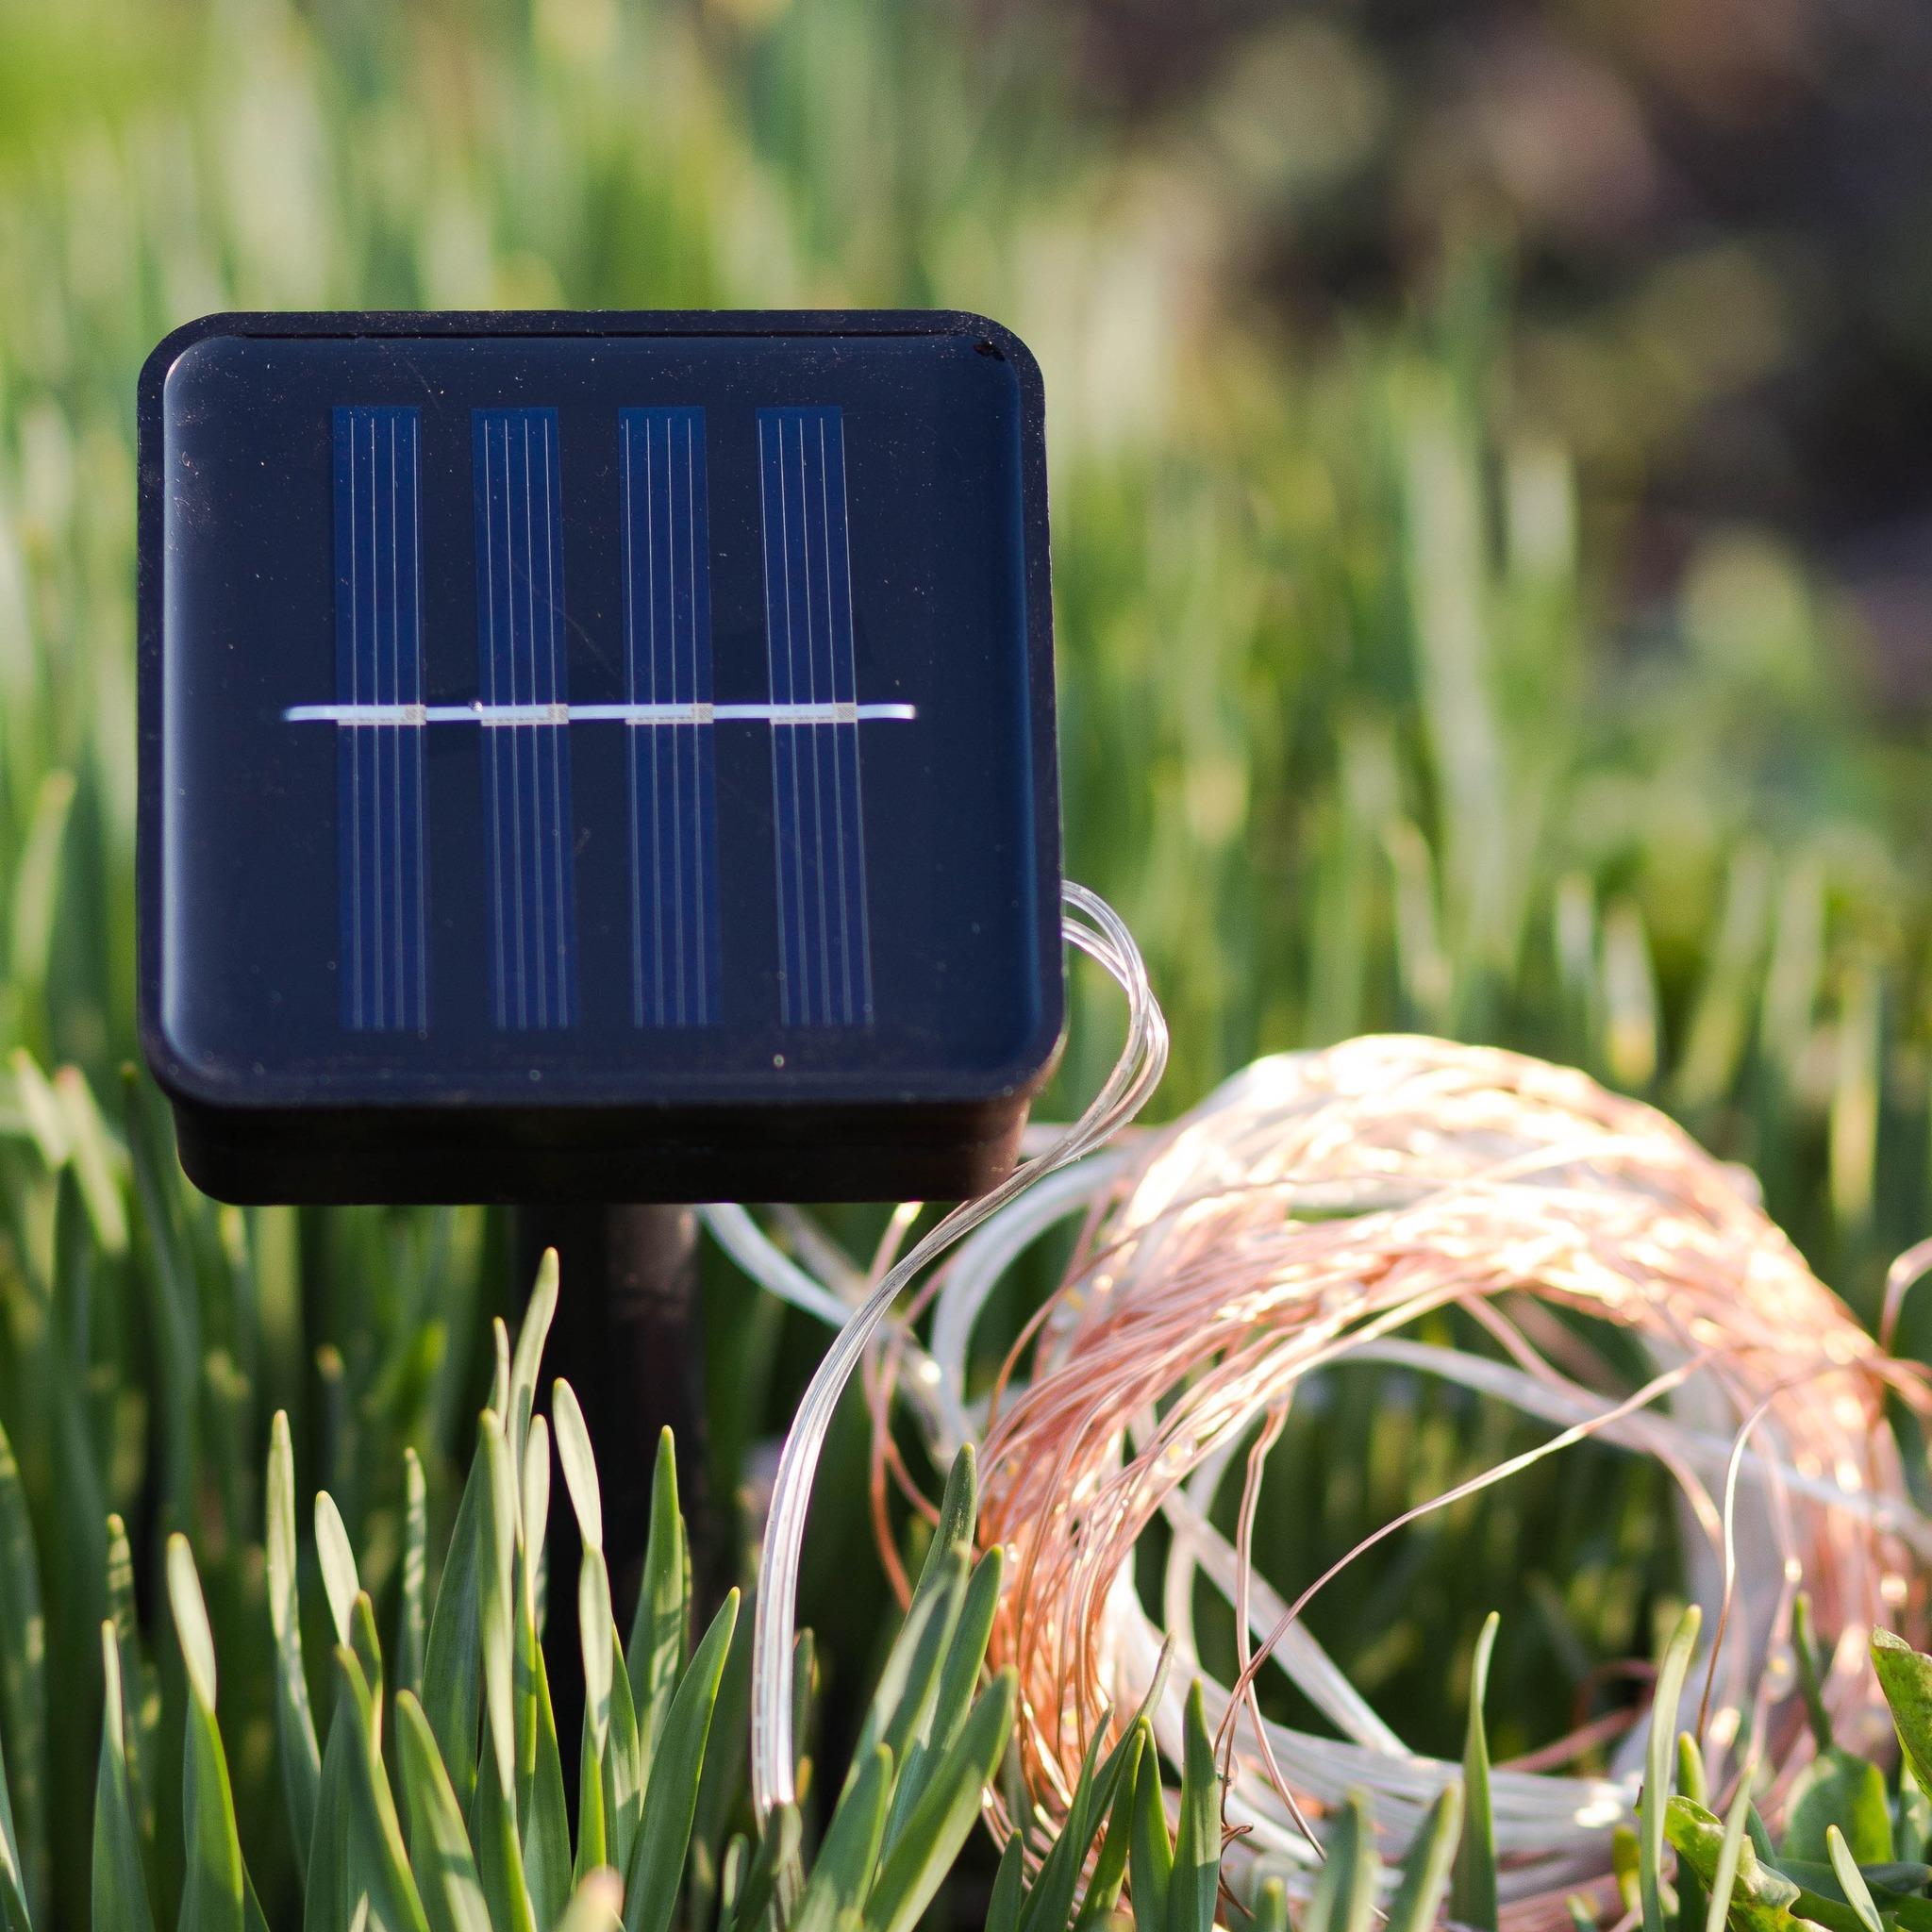 Гирлянда-нить на солнечной батарее EPECOLED разноцветная (10 метров, 100LED)